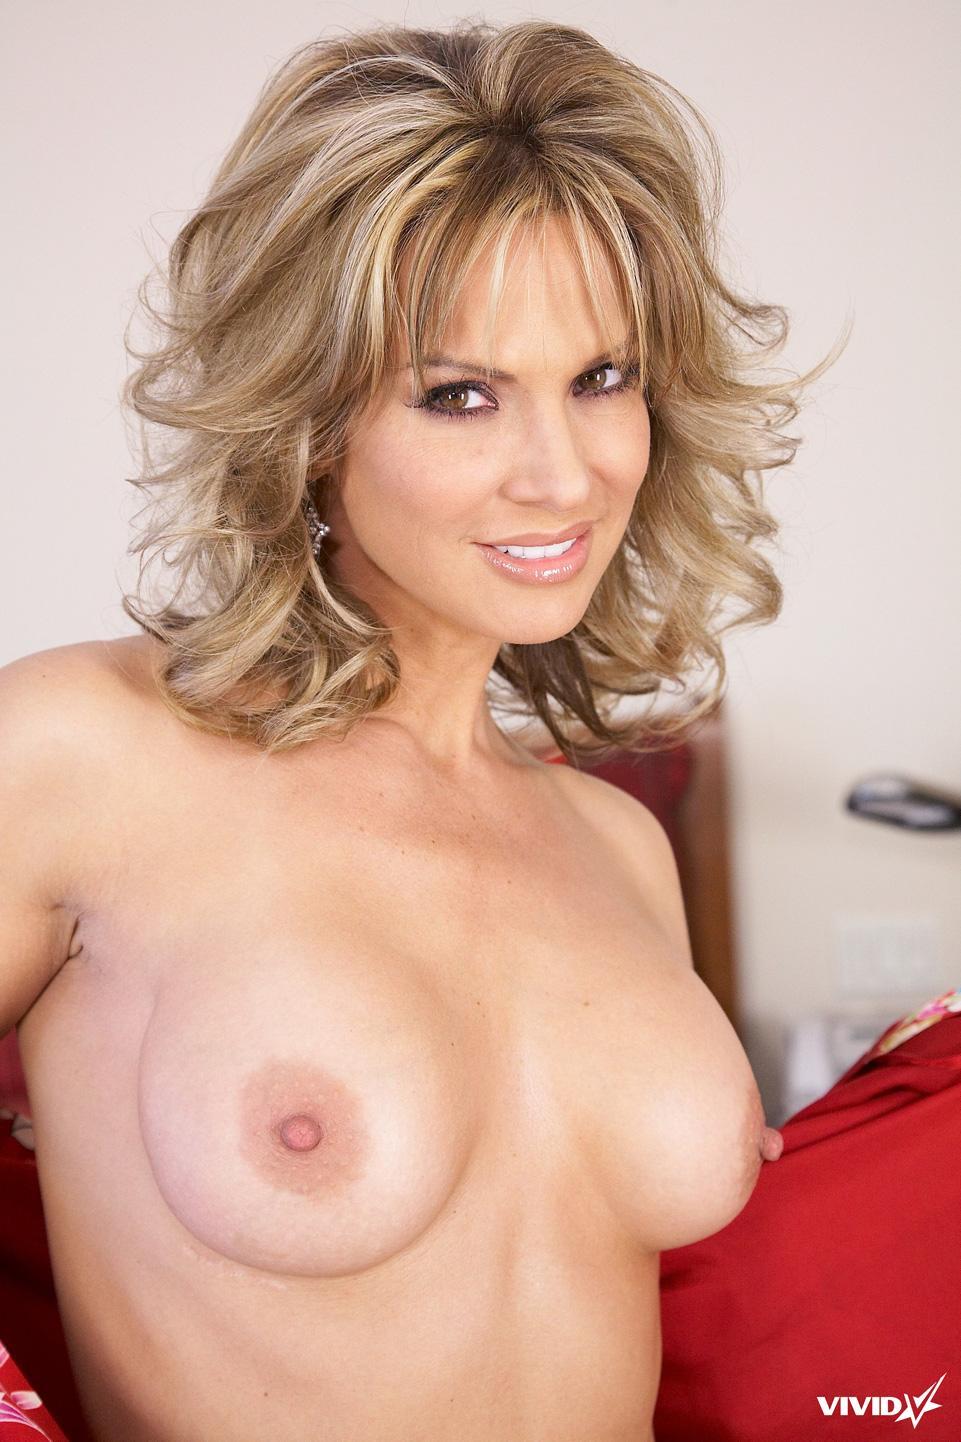 Sexy MILF is tempting in her bedroom - Savanna Samsons - 5